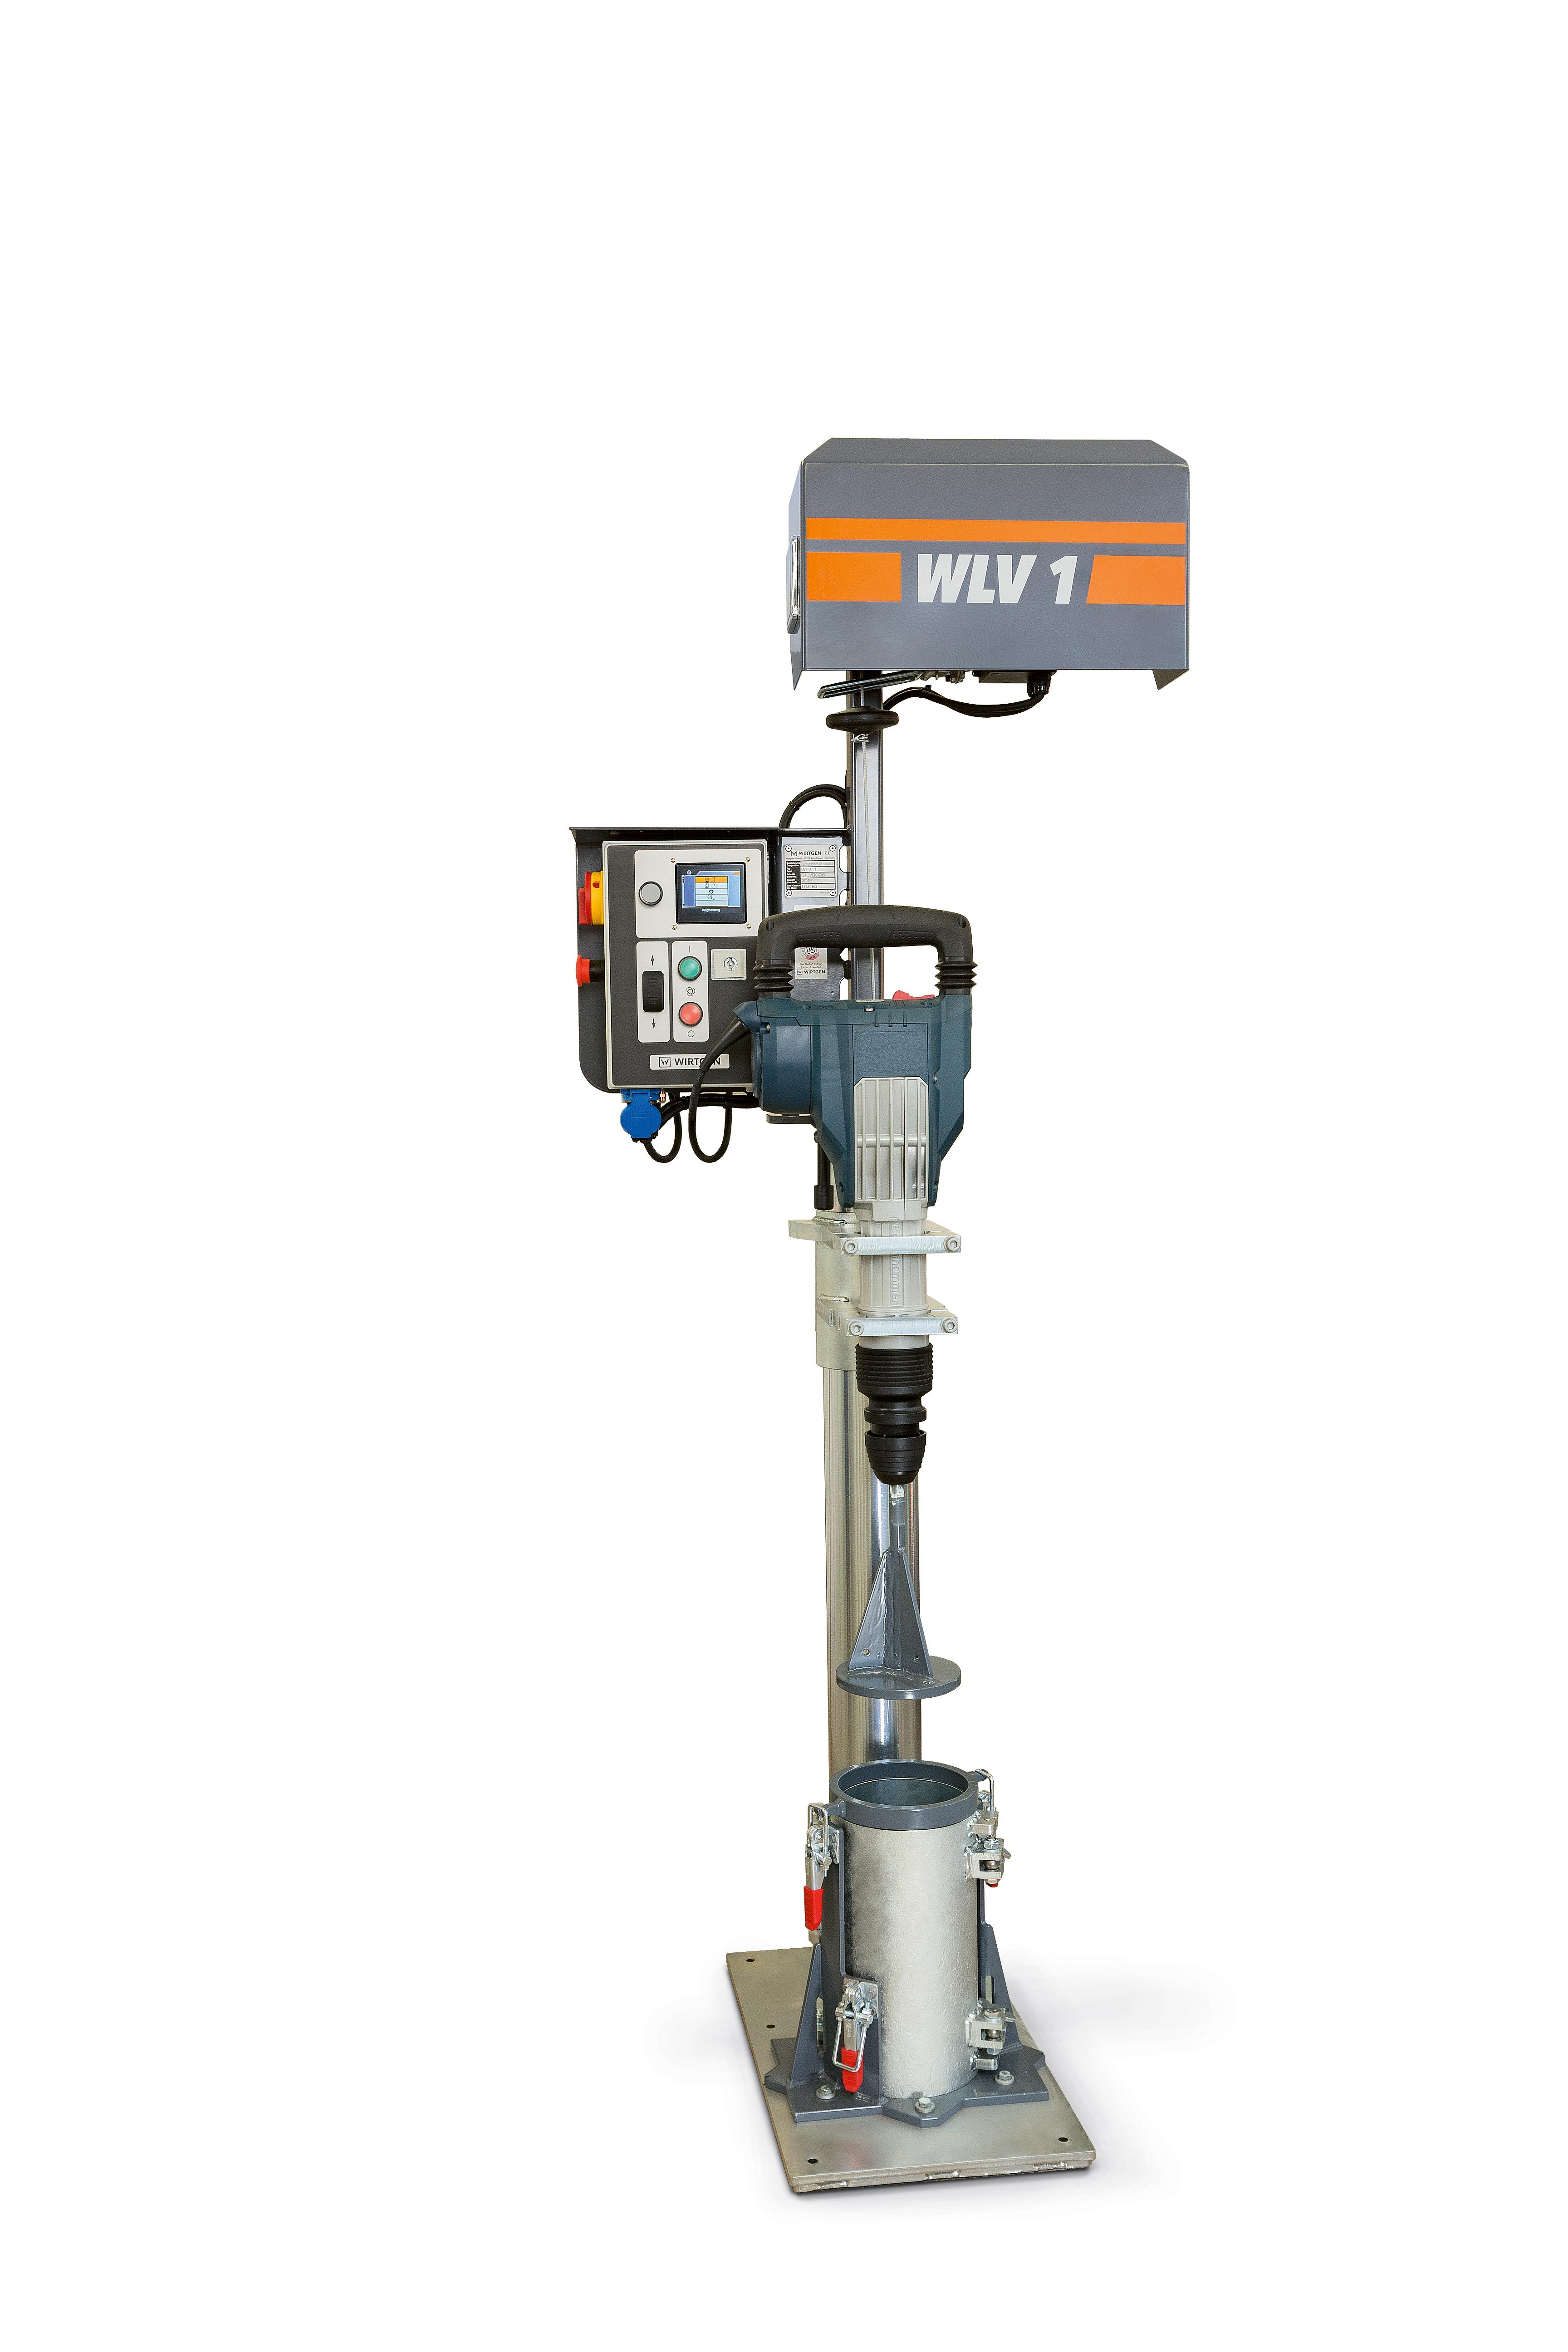 Der Wirtgen WLV 1 wurde speziell für das Verdichtungsverfahren von Kaltrecycling-mischgut entwickelt. Anhand der mit dem Laborverdichter hergestellten Probekörper wird die ideale Zusammensetzung des Mischguts bestimmt sowie wichtige Materialeigenschaften ermittelt.